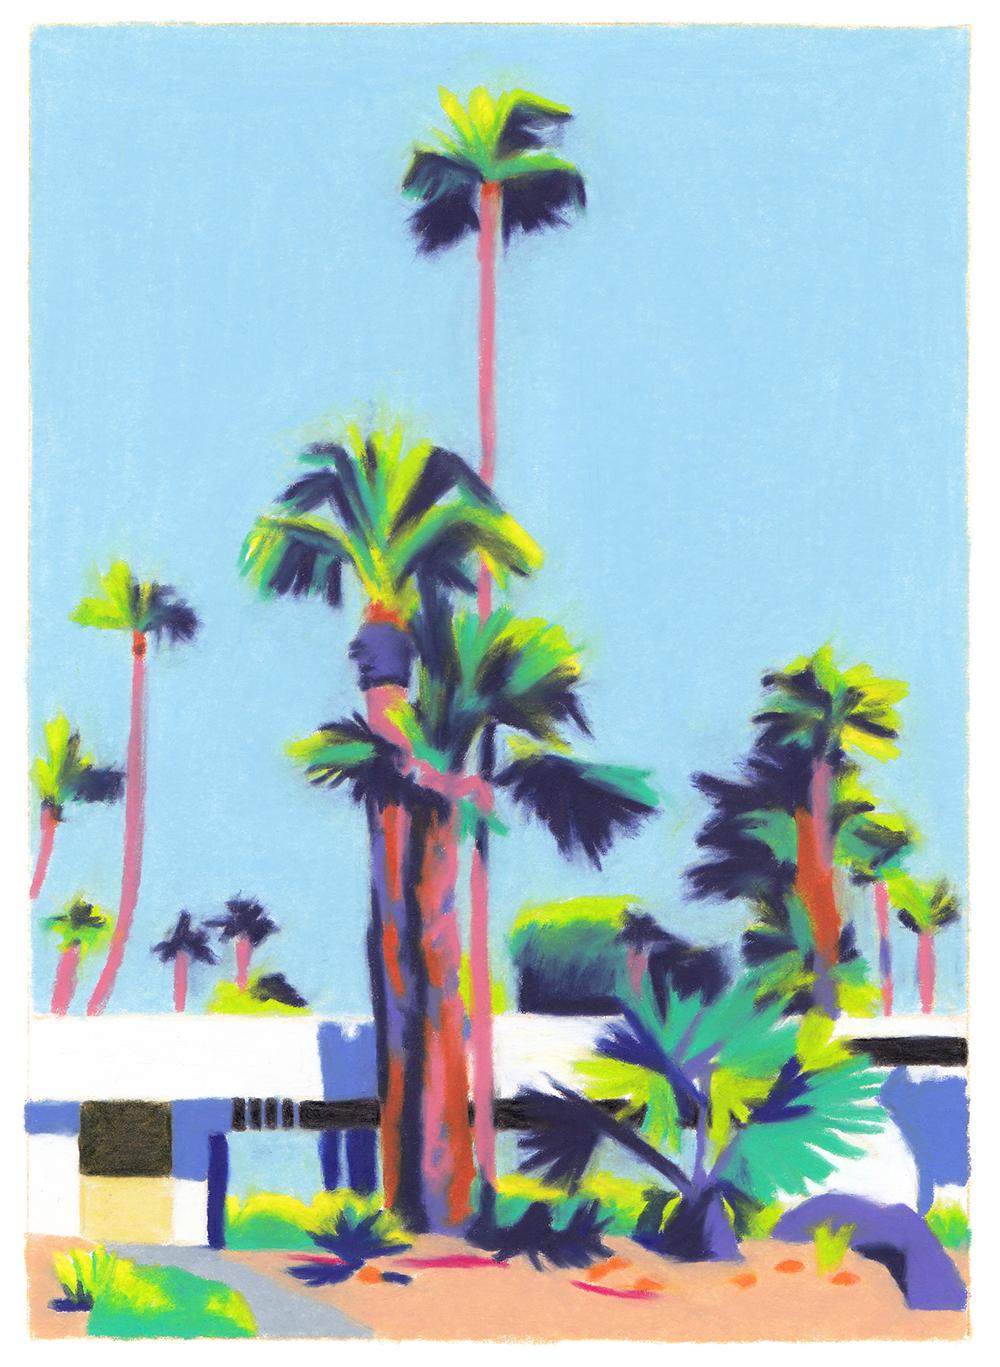 villa futuriste murs blancs palmiers immenses